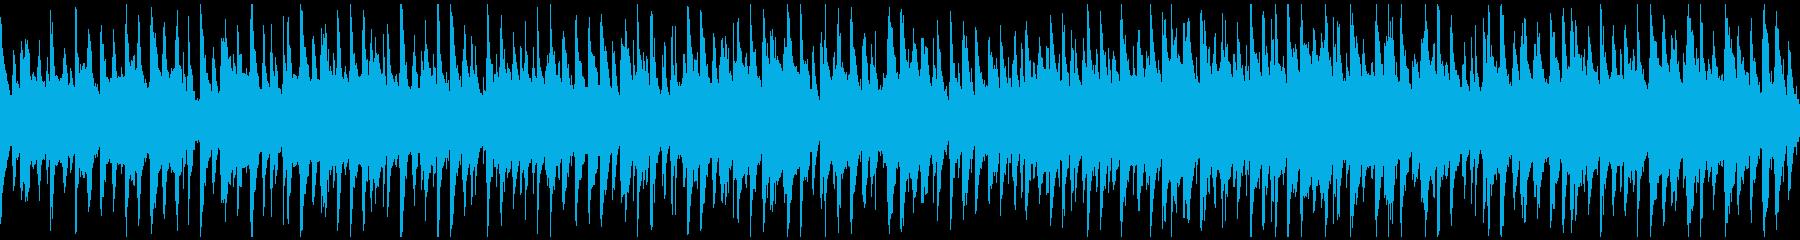 のほほん日常系のゆるいウクレレ※ループ版の再生済みの波形